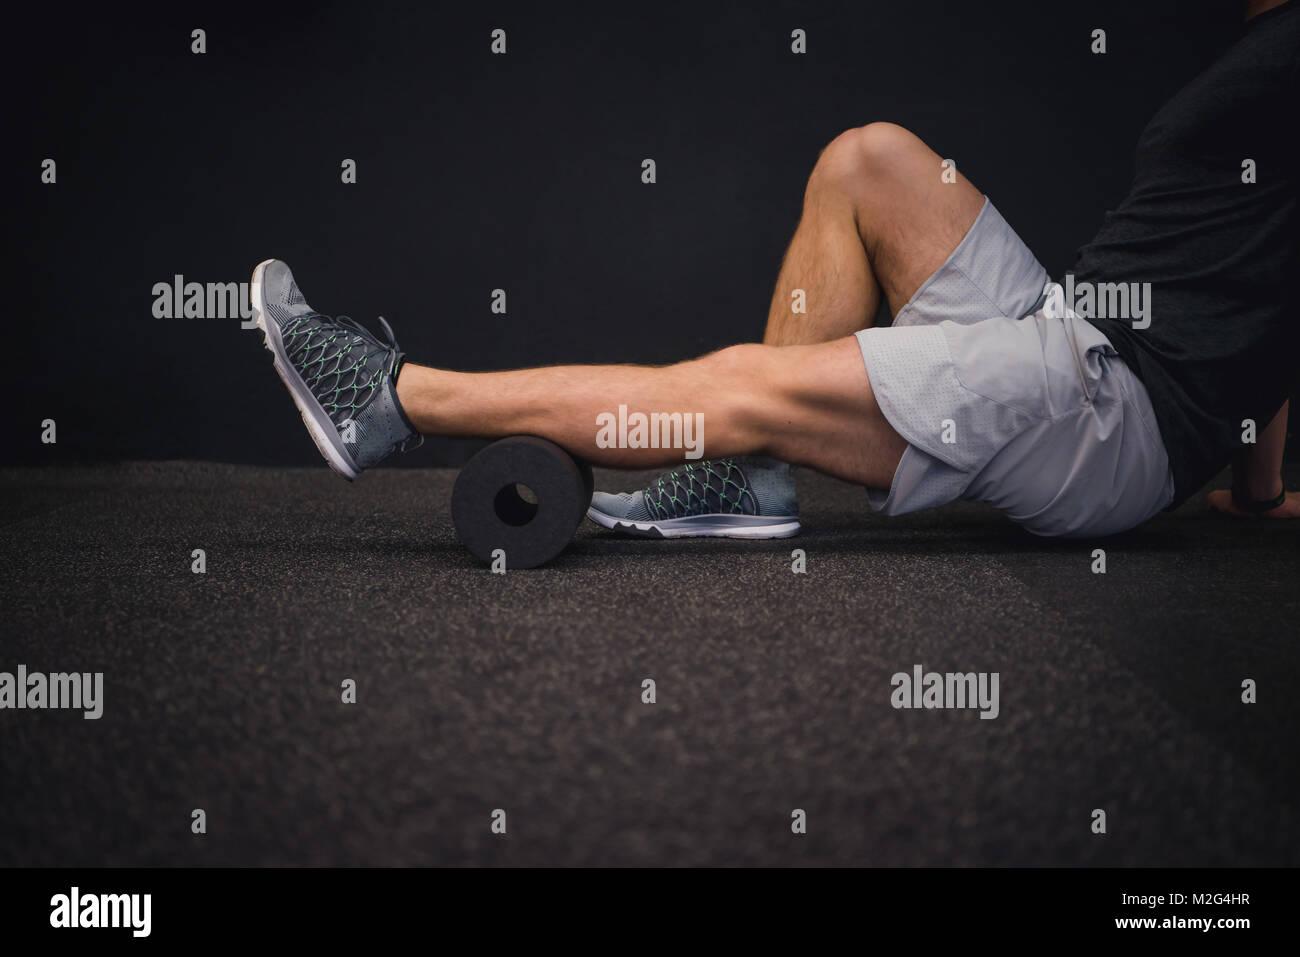 Athletic hombre utilizando un rodillo de espuma para aliviar los músculos doloridos después de un entrenamiento. Imagen De Stock